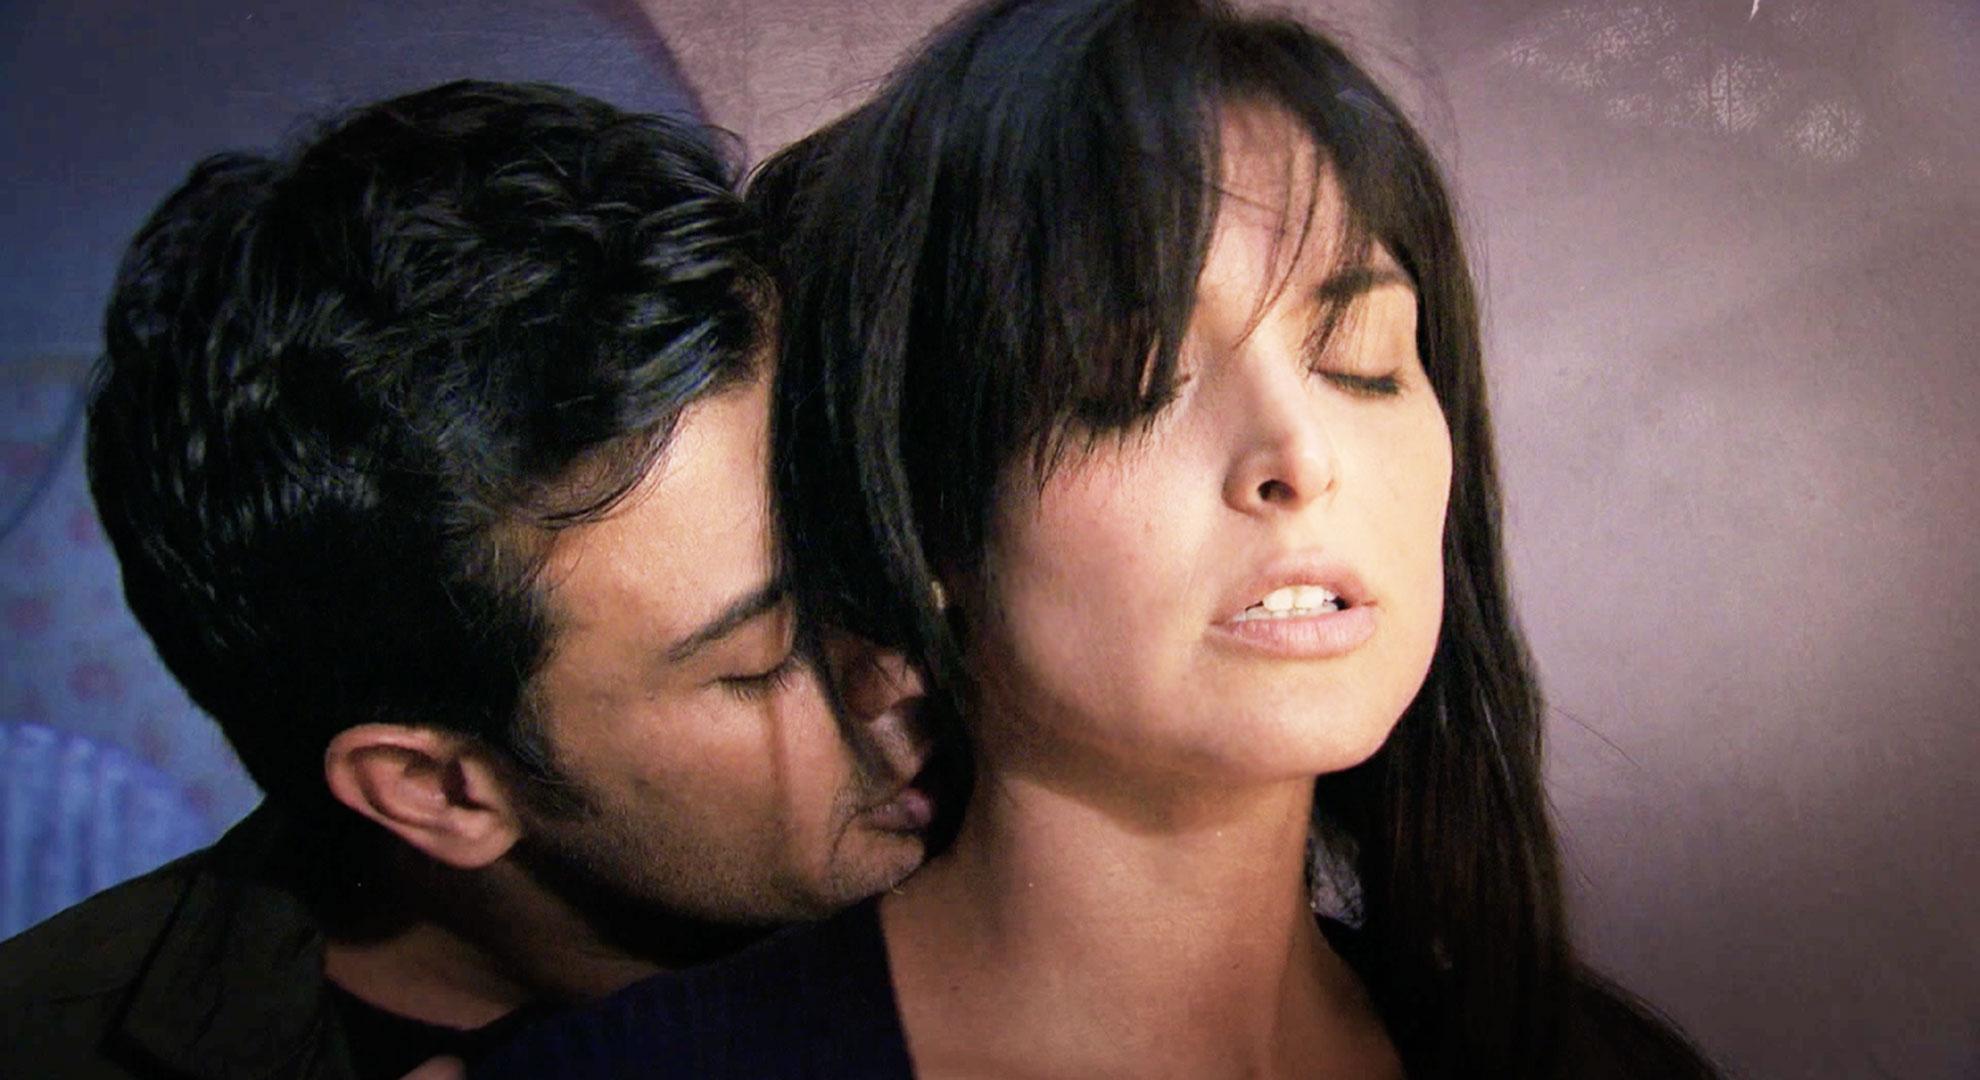 Sexo Caliente - Videos Porno Gratis de Sexo Caliente